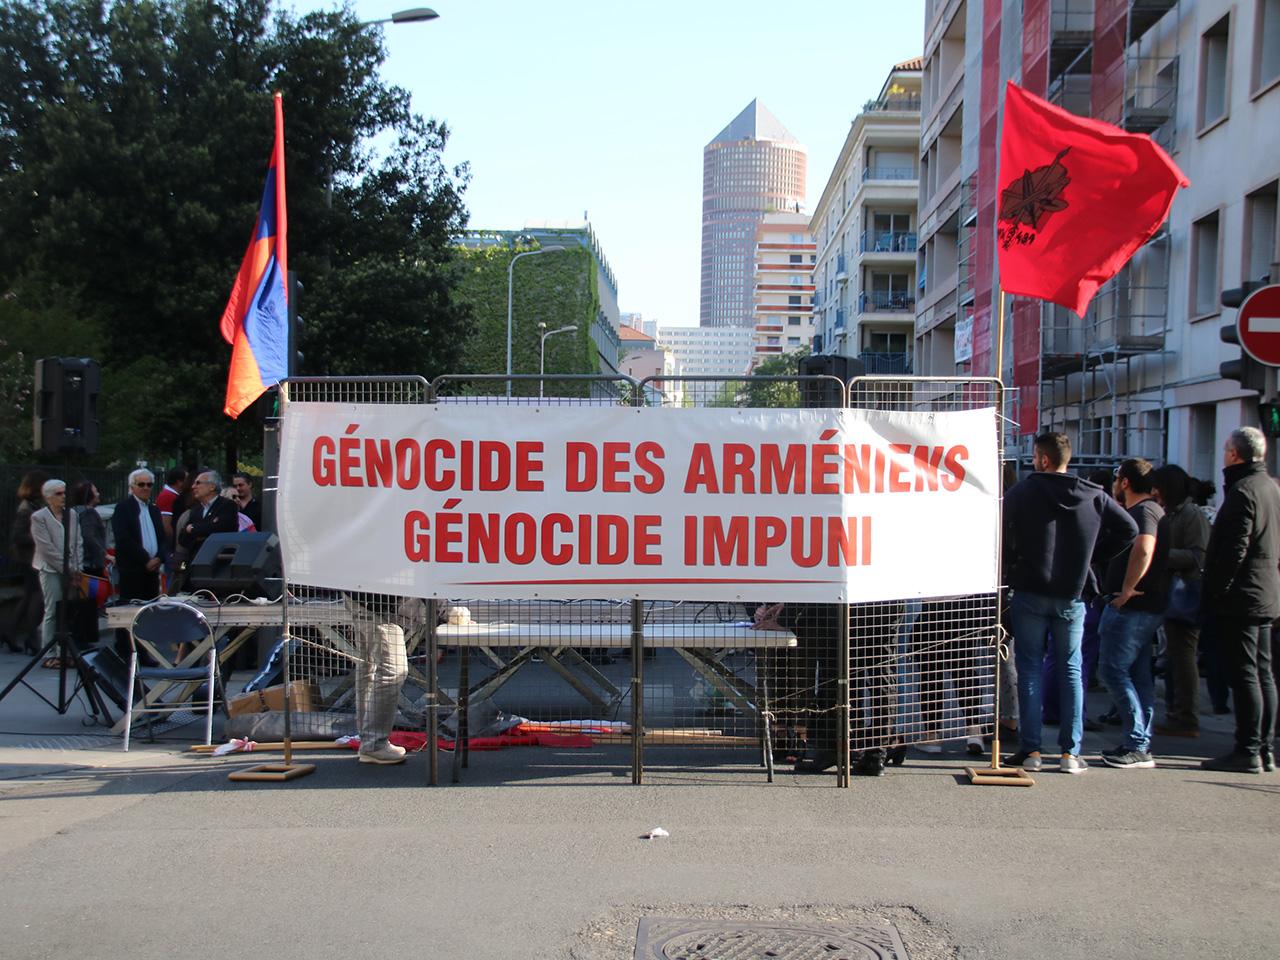 Génocide arménien : la communauté lyonnaise réclame justice devant le consulat turc